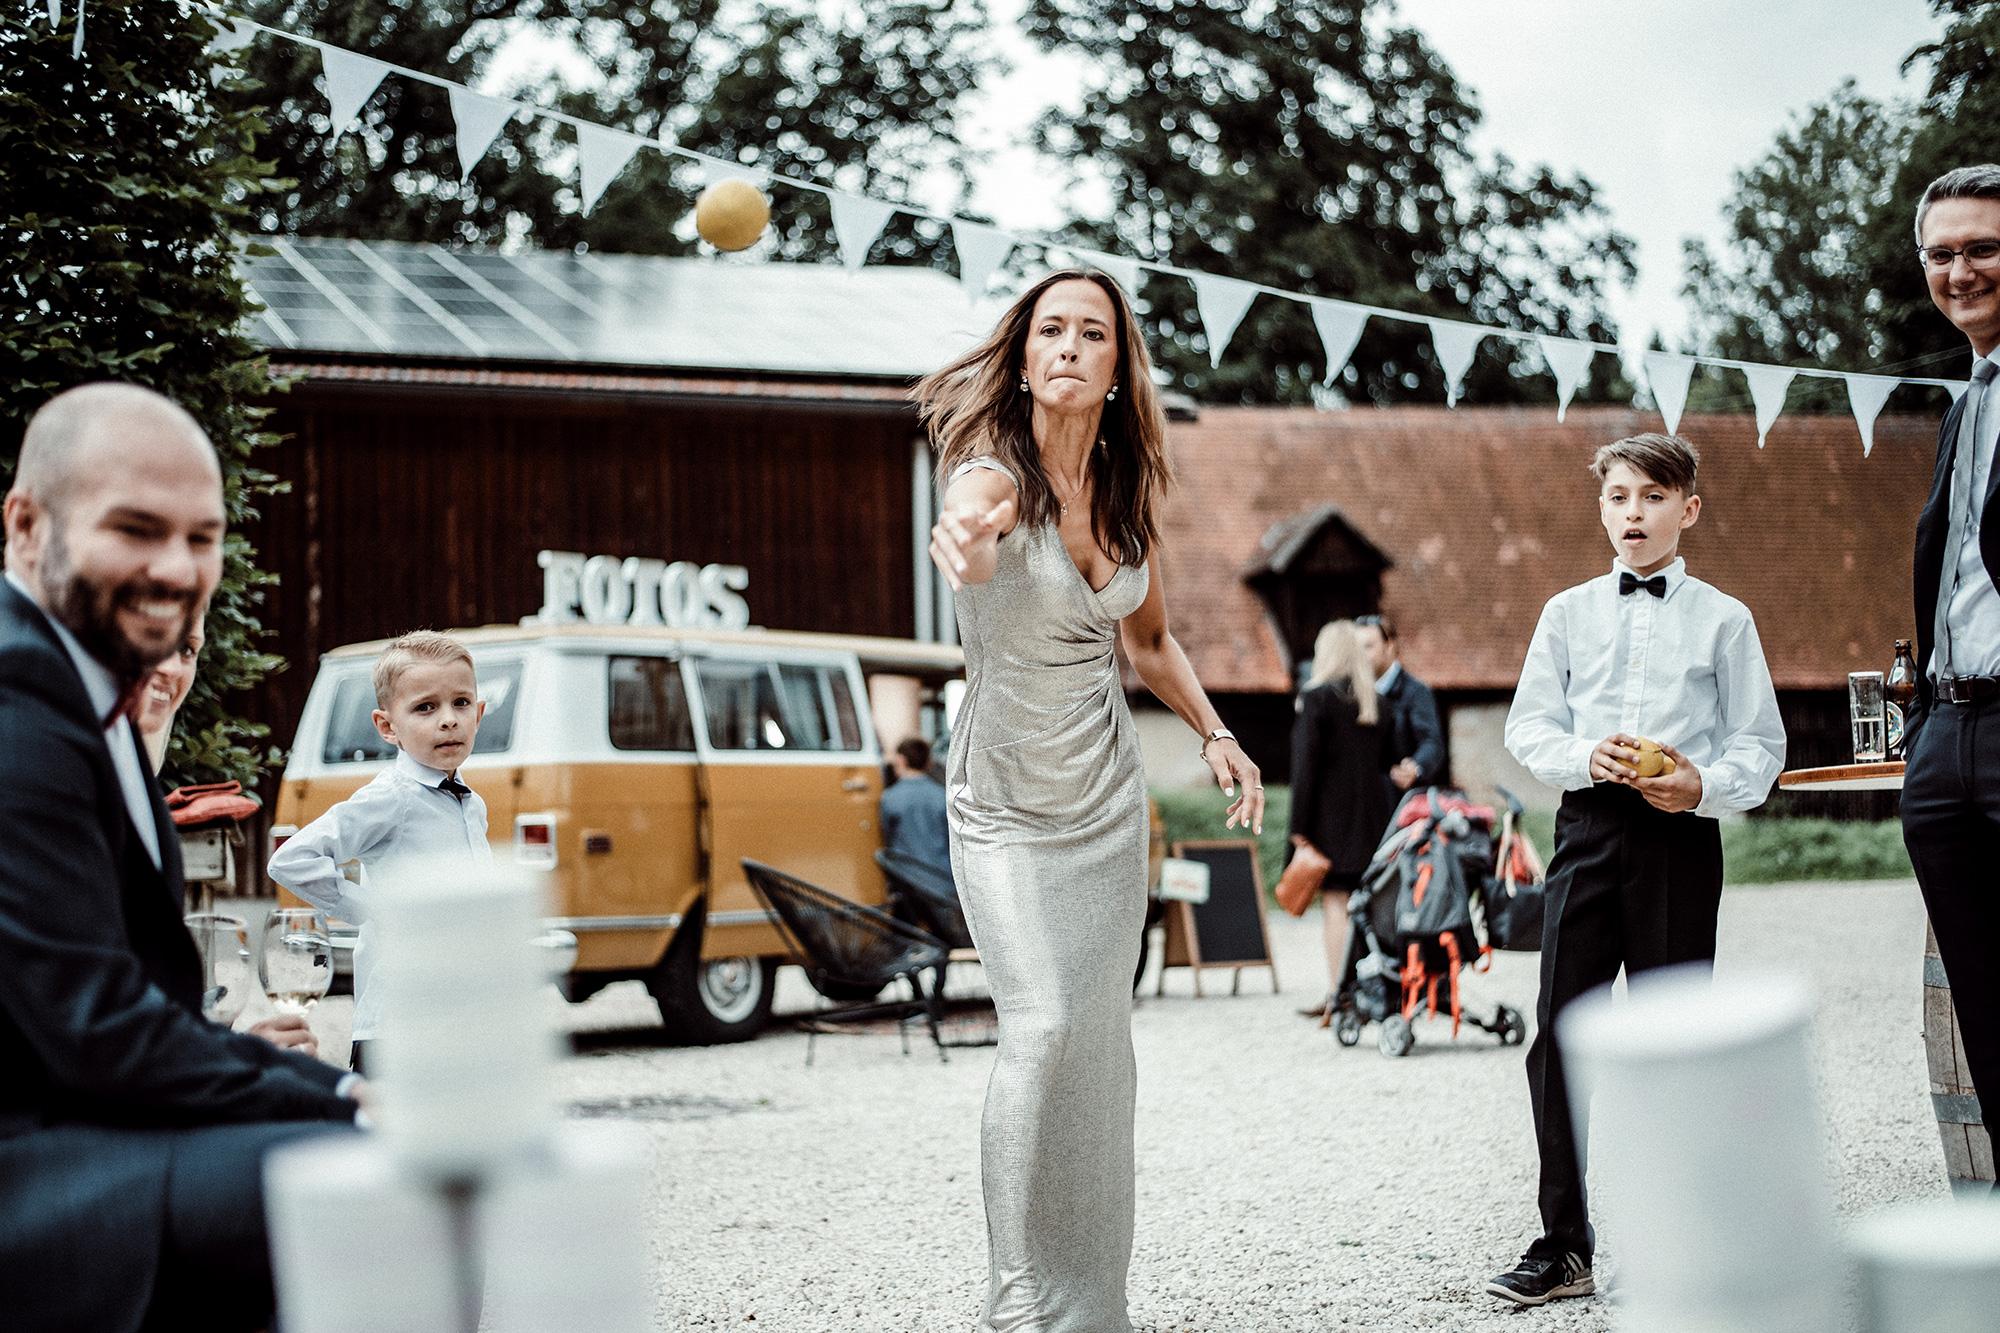 Fotobus-Jimmy-Fotobulli–Hochzeit-Fotobooth-Fotobox-V14.jpg